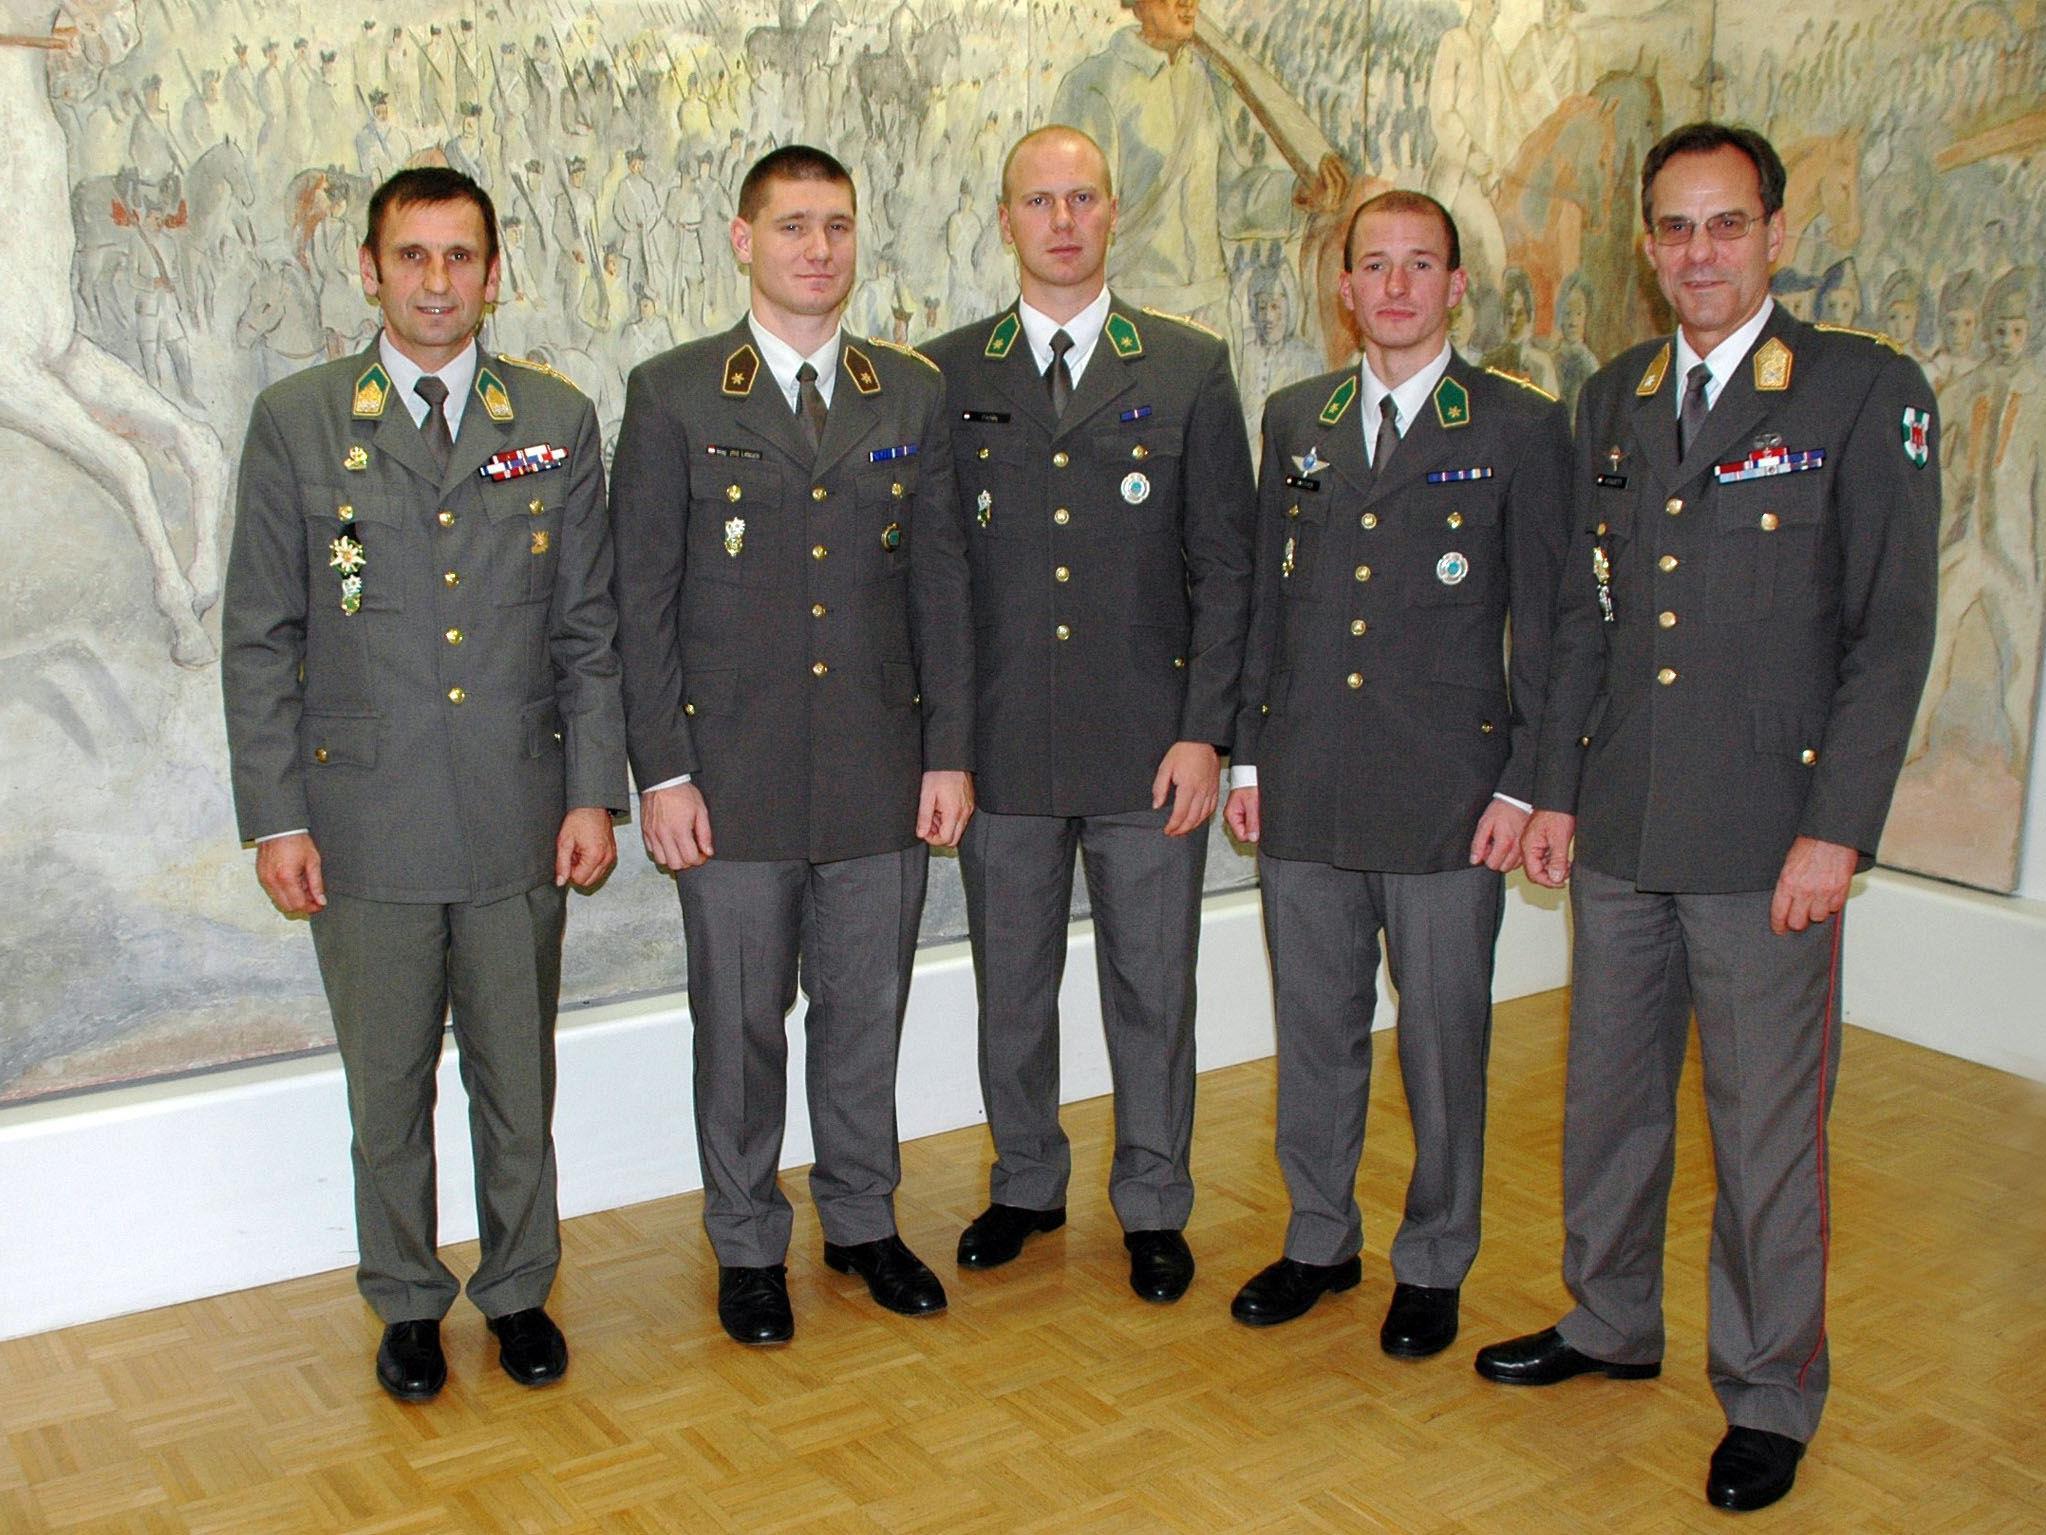 Offizierskorps des Vorarlberger Jägerbataillon 23 freut sich über Zuwachs